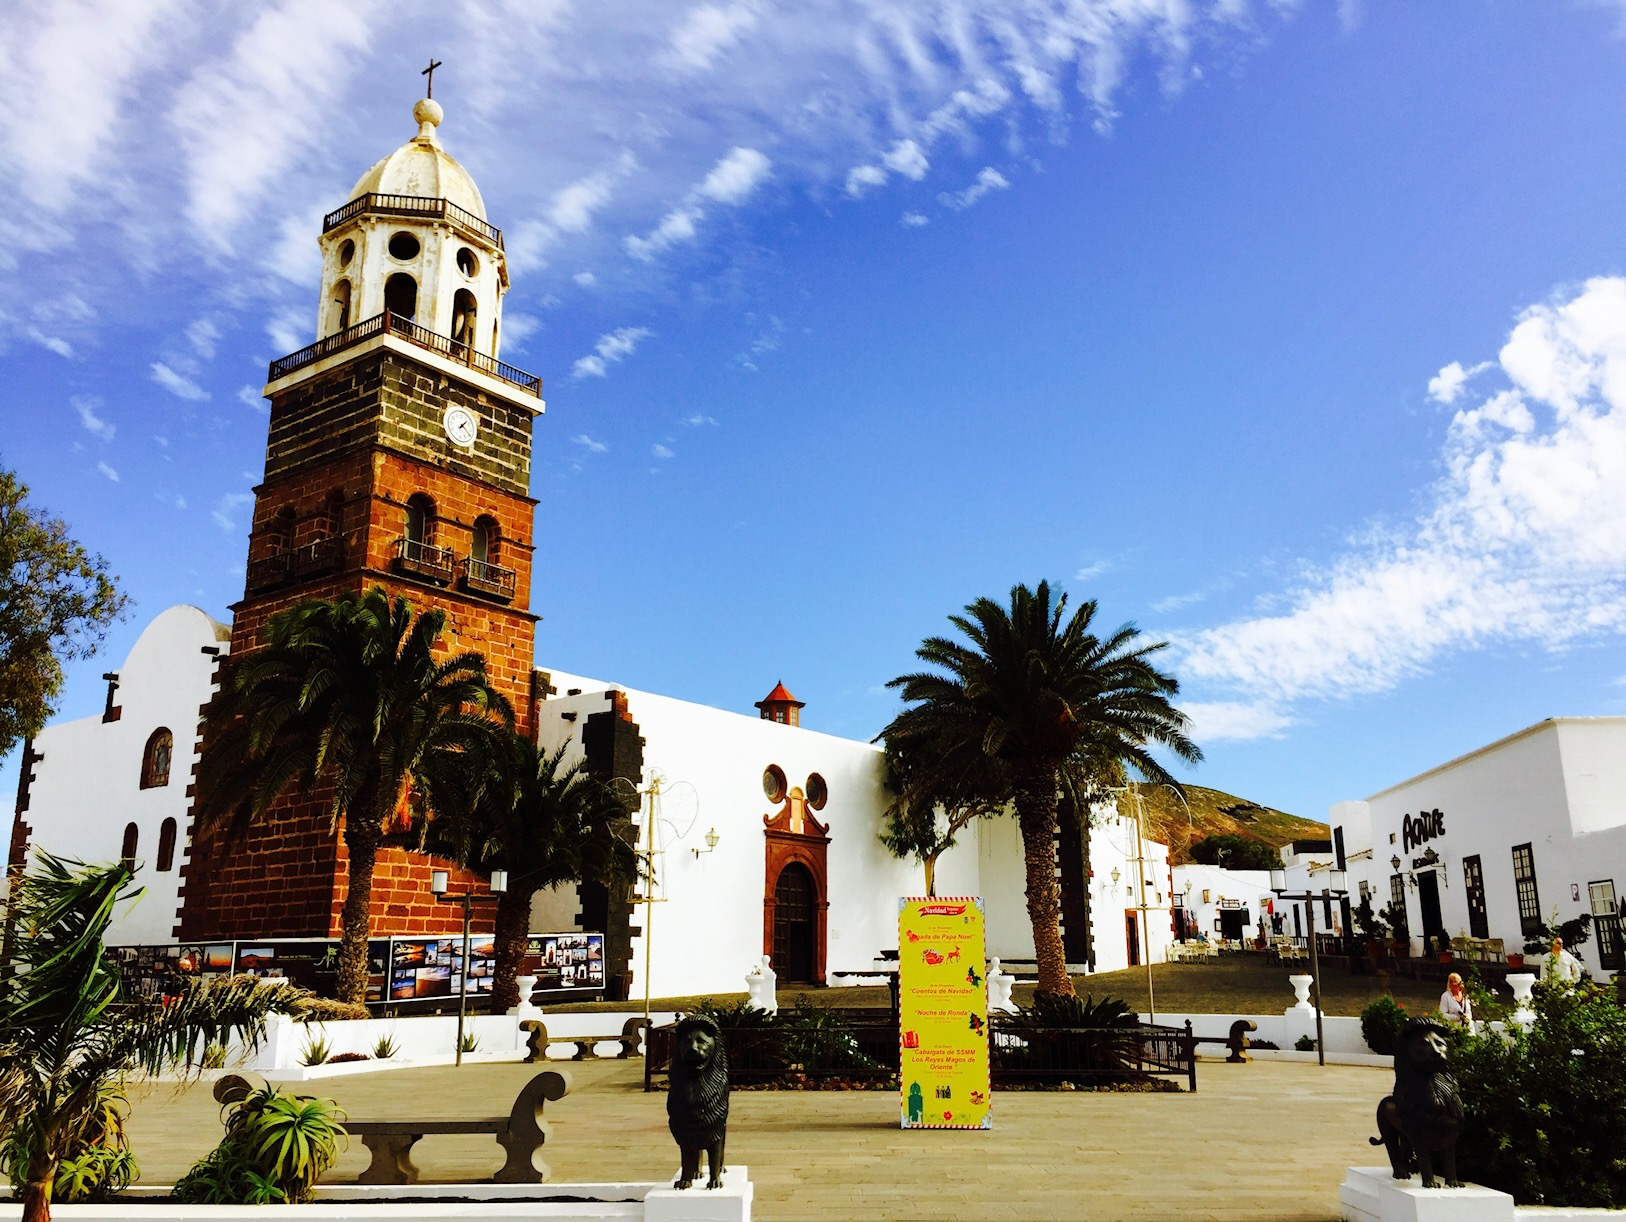 Blick auf eine Kirche in Teguise, Lanzarote